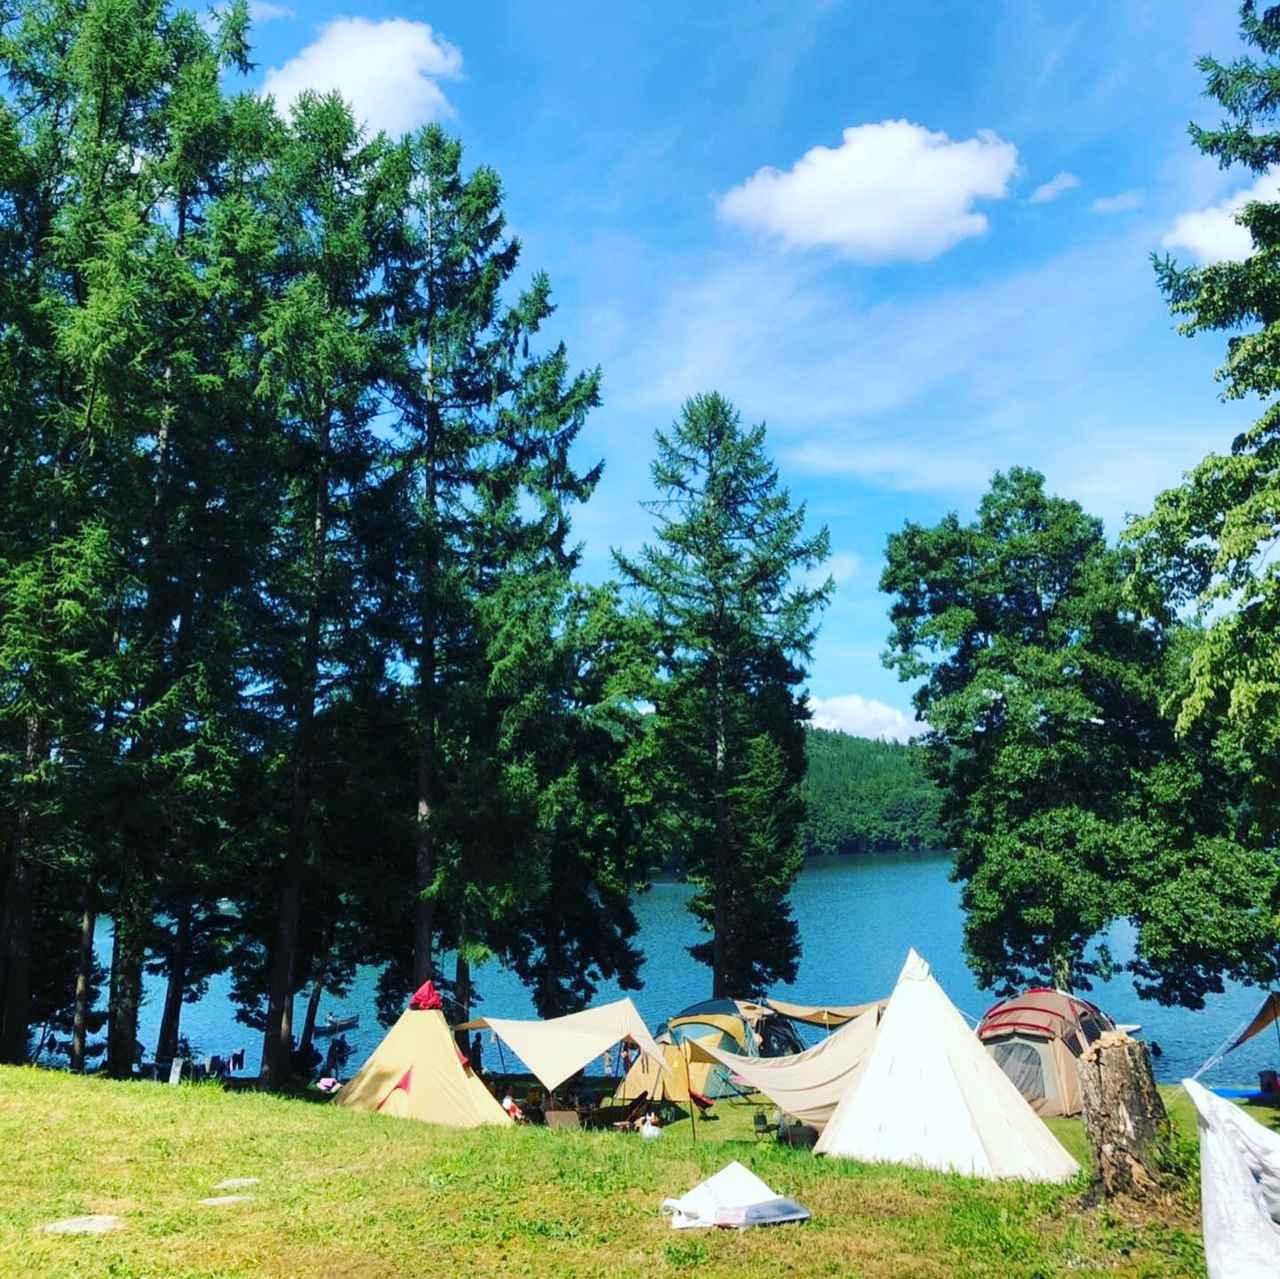 画像1: 【おすすめキャンプ場19】親子でSUP体験も!「ライジング・フィールド白馬」の透明度抜群の湖でキャンプ&アクティビティ - ハピキャン(HAPPY CAMPER)